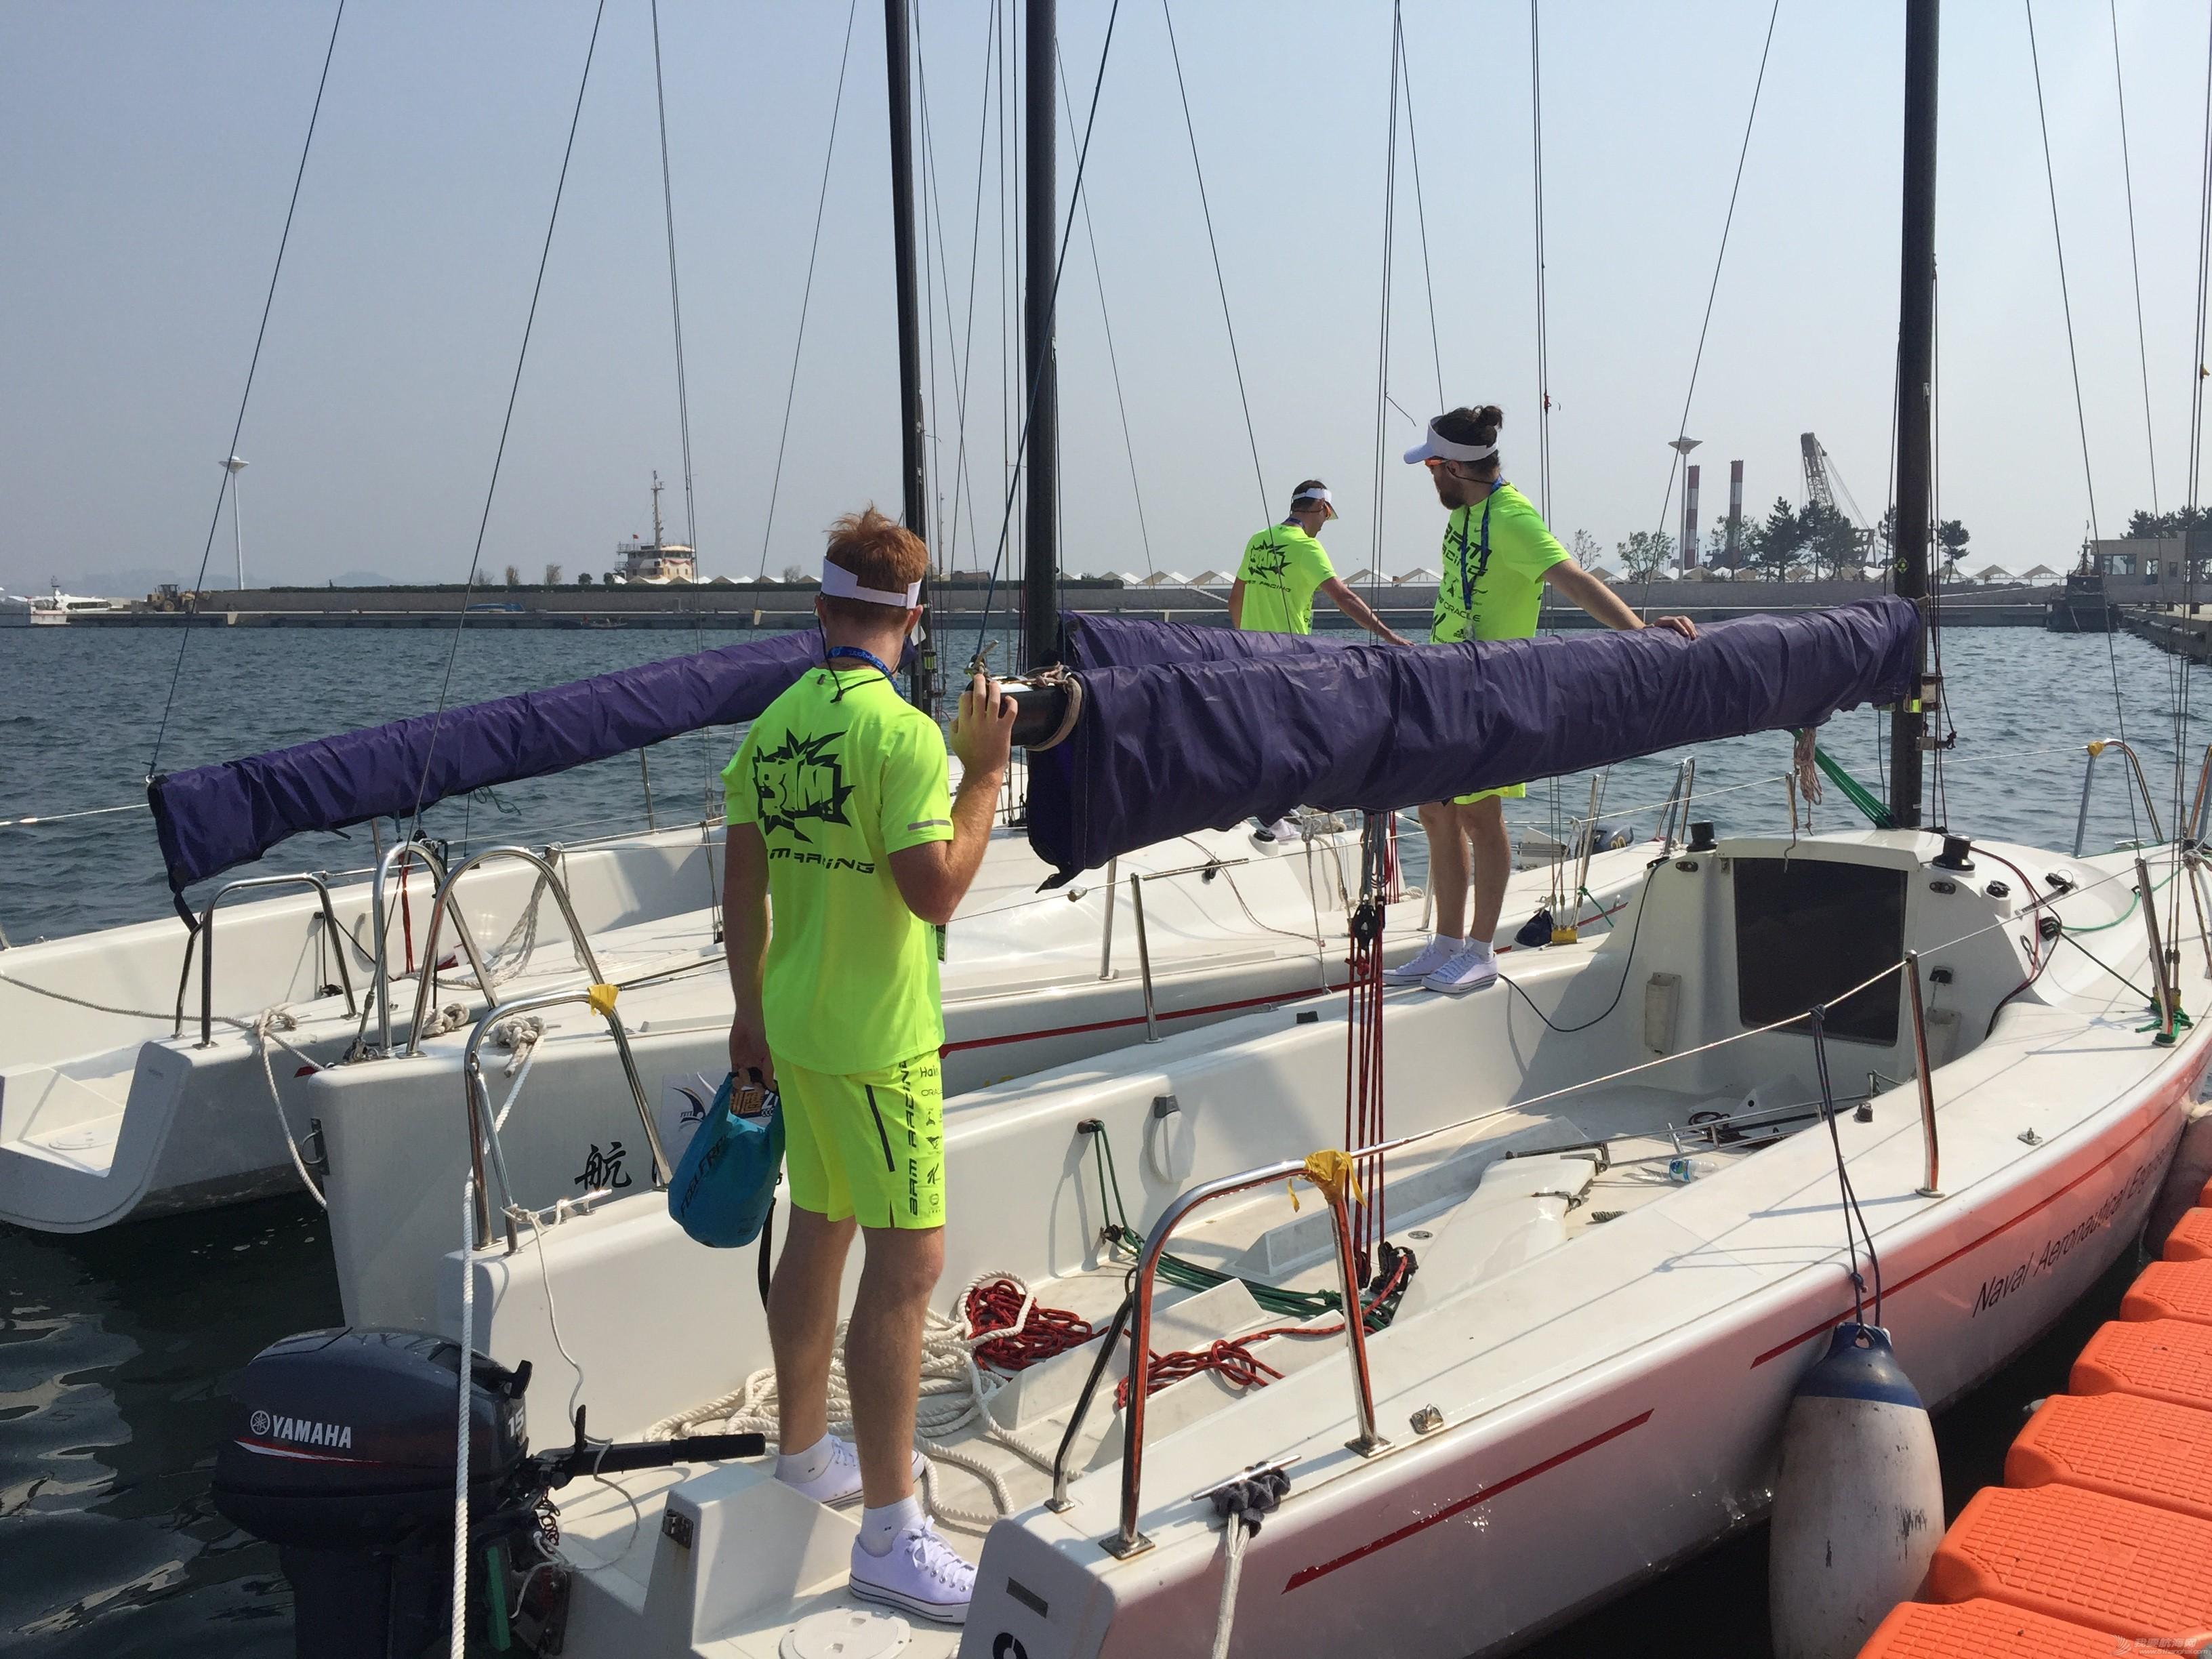 美国,朋友,帆船,国际,威海 帆船初体验——记参加威海杯国际帆船赛 选船